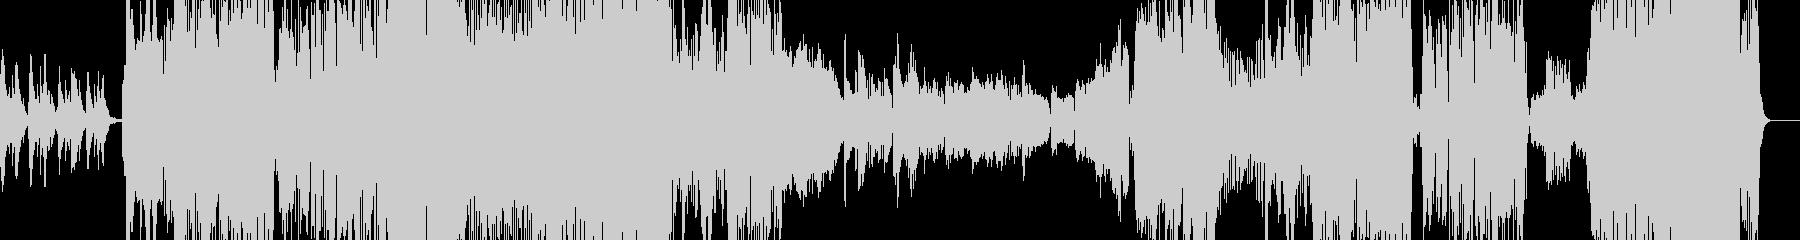 スタイリッシュ 交響曲第7-2 アレンジの未再生の波形